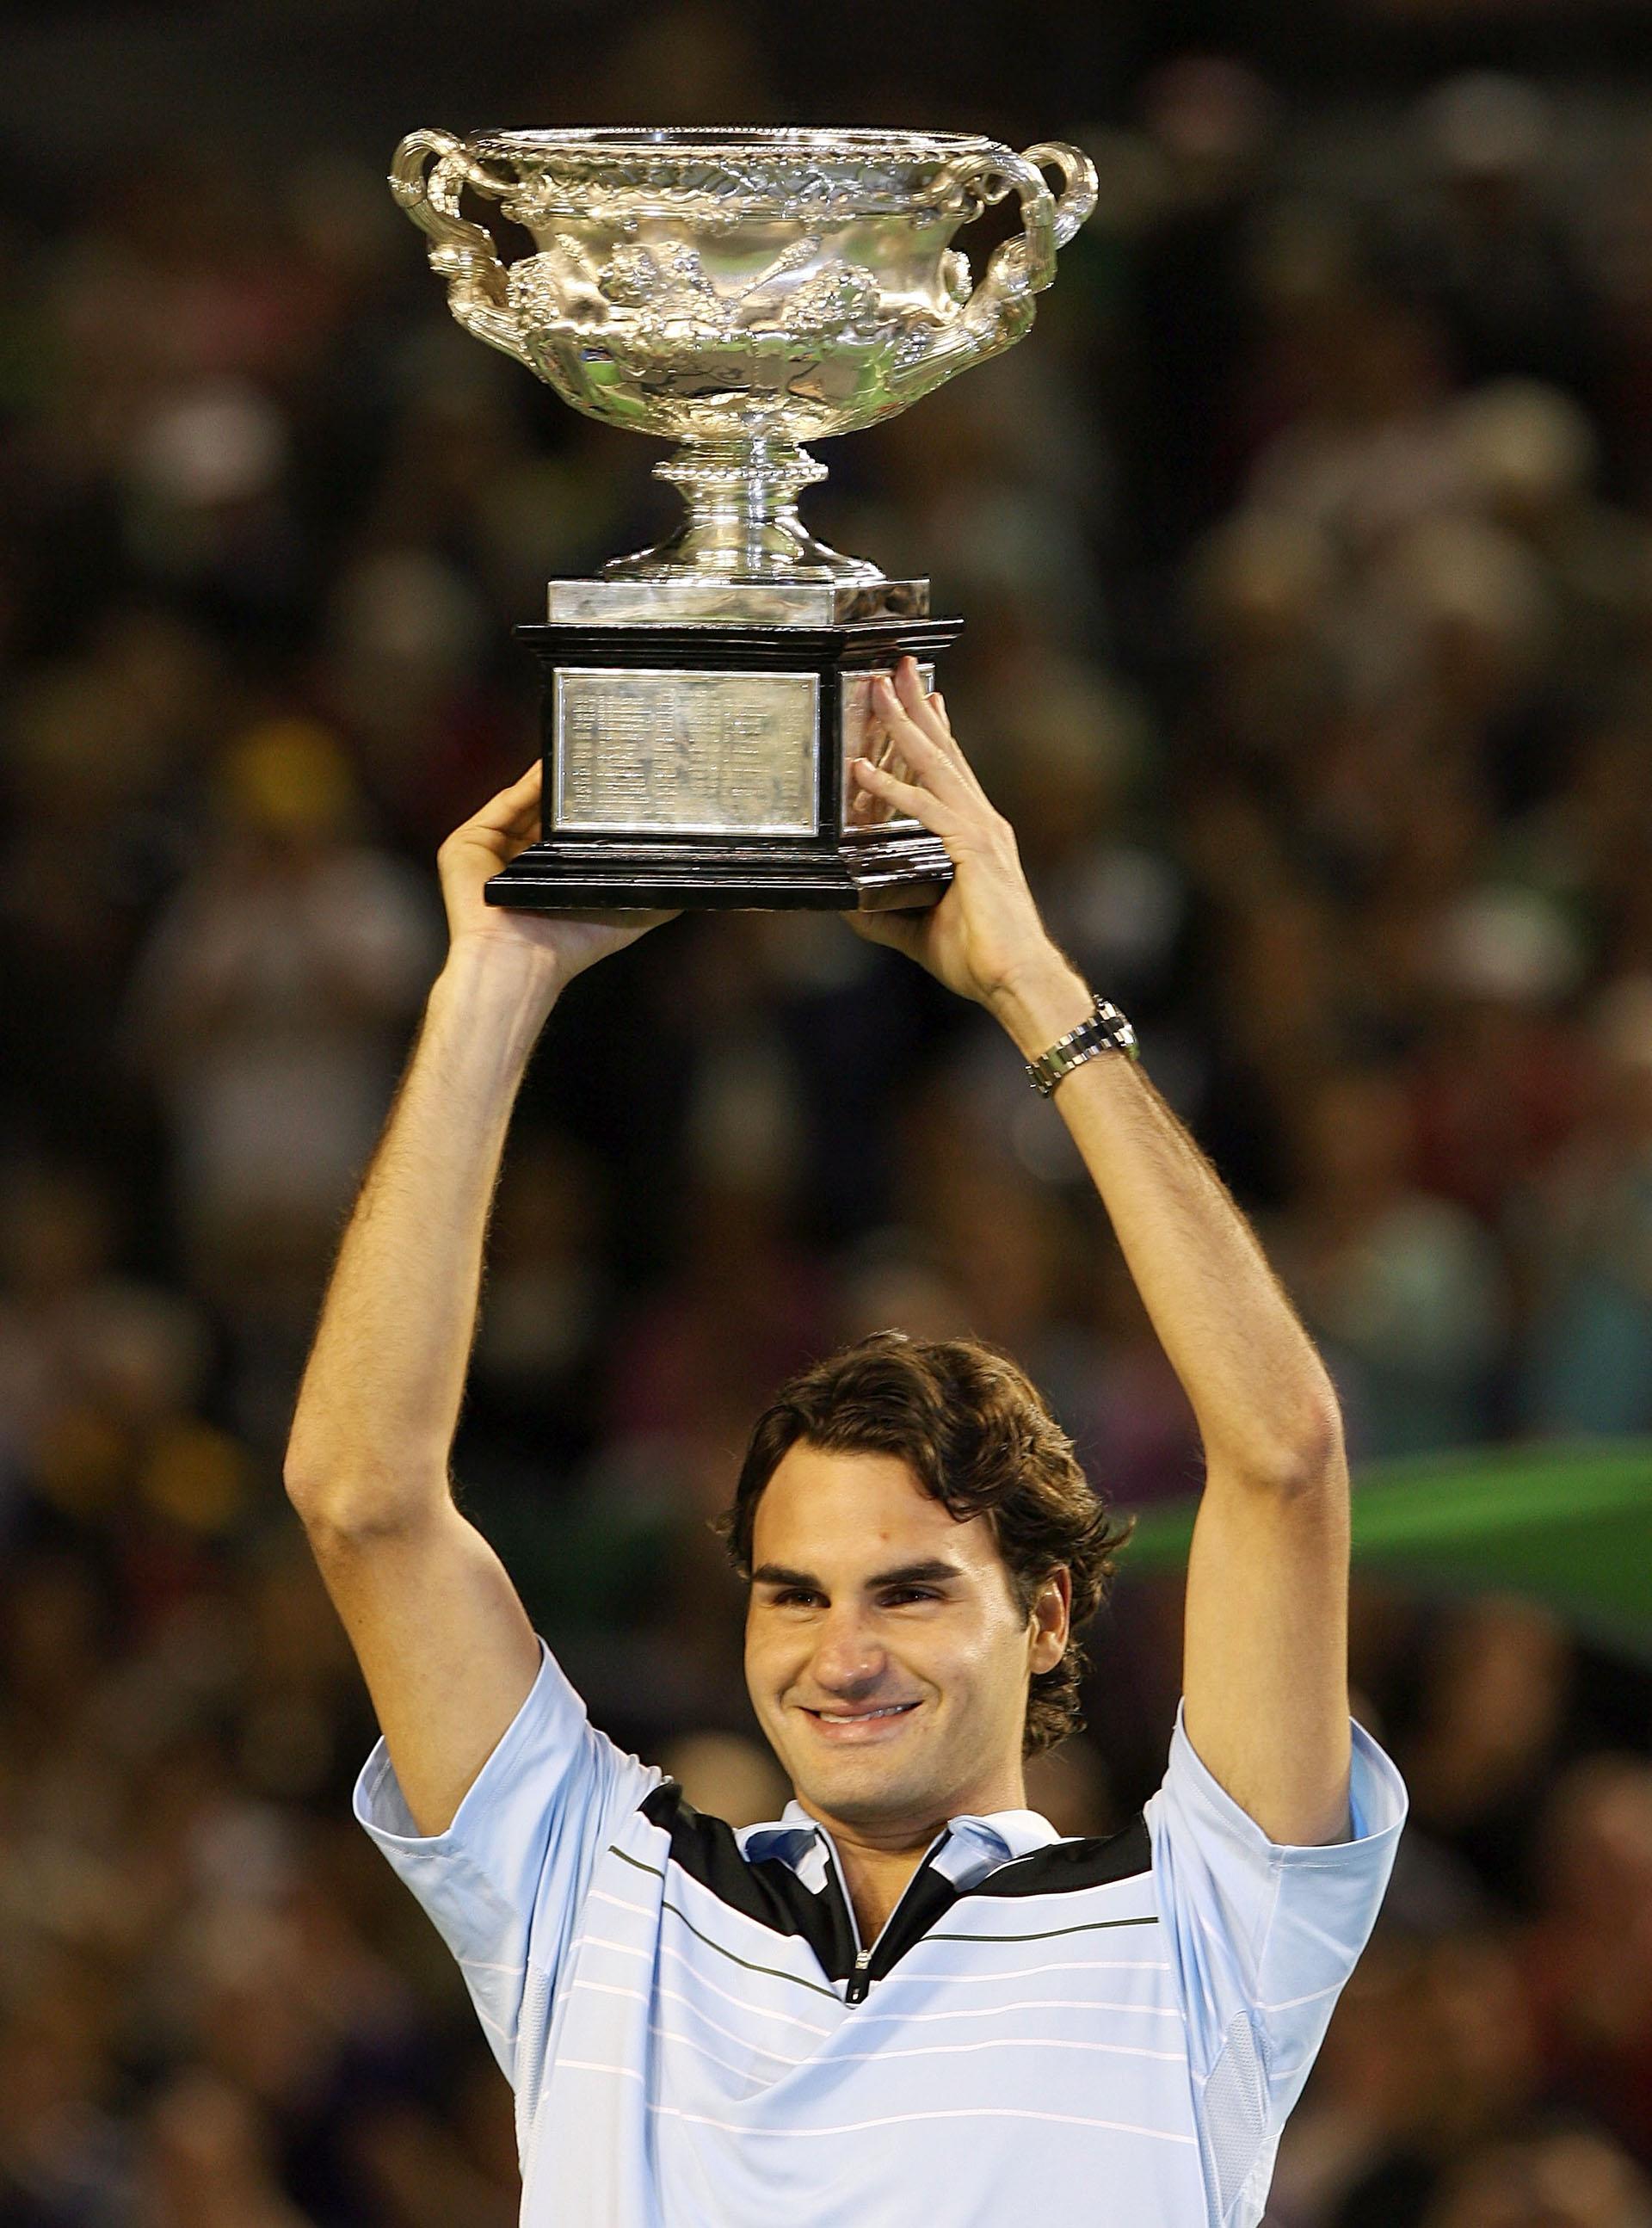 En 2007, empezó con el pie derecho ya que se quedó con el Abierto de Australia tras vencer a Fernando González por 7-6 , 6-4, 6-4 en el primer Grand Slam de la temporada